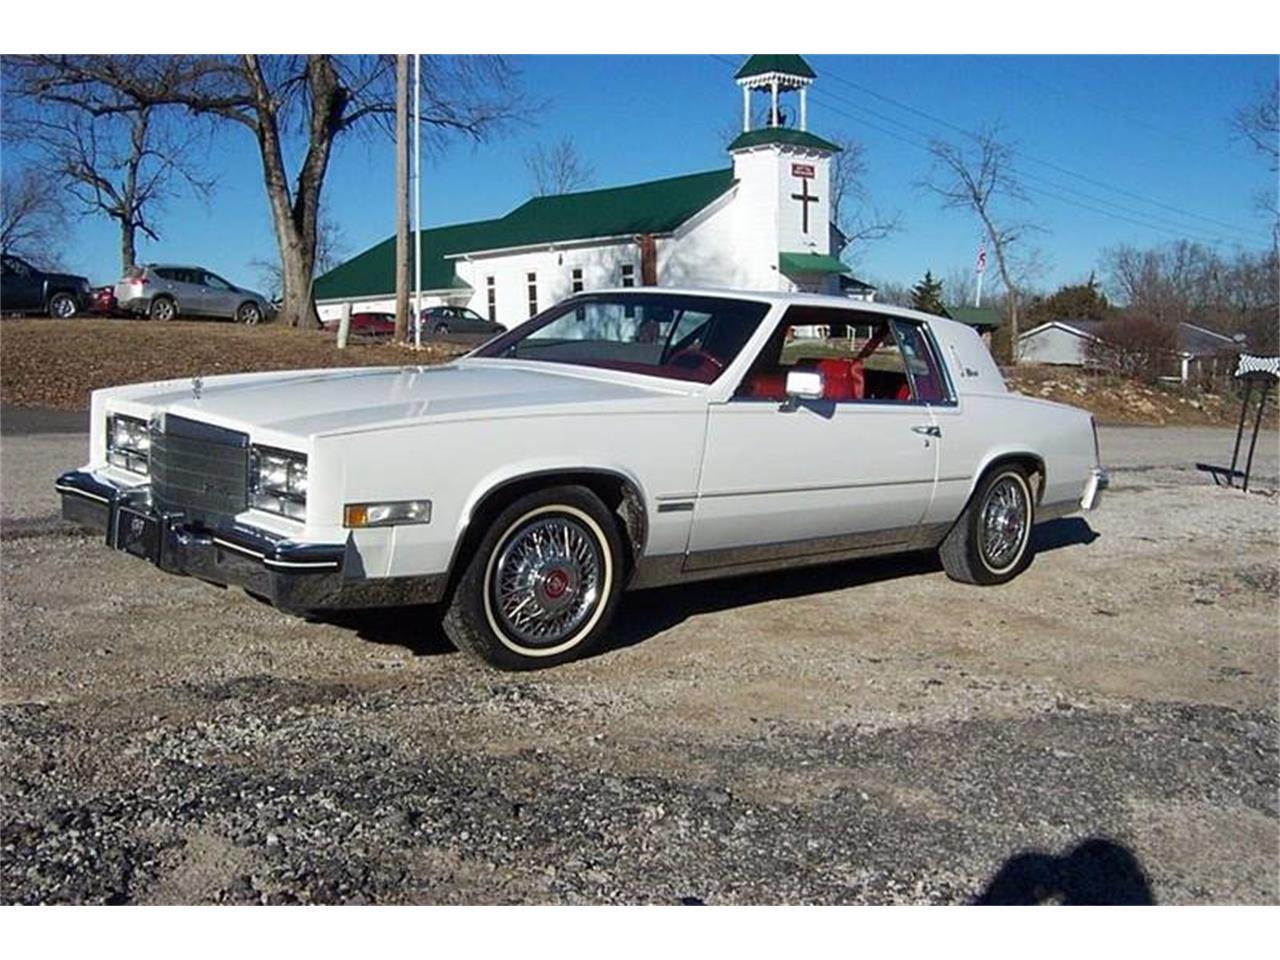 1983 cadillac eldorado for sale classiccars com cc 1173744 1983 cadillac eldorado for sale